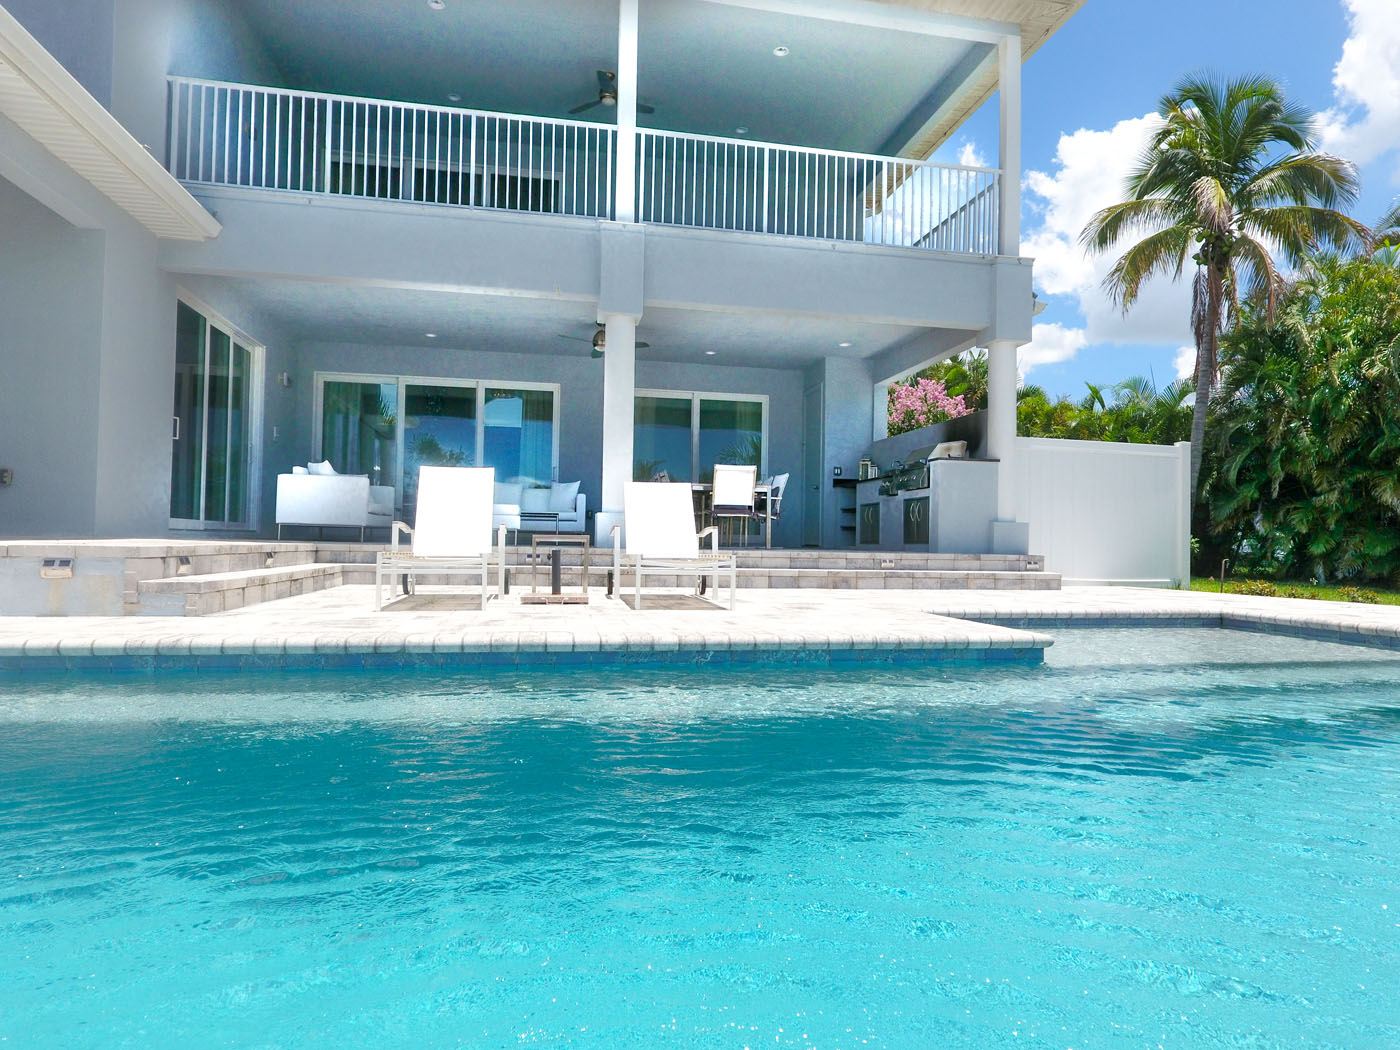 Villa Bliss - Vacation villa in Florida